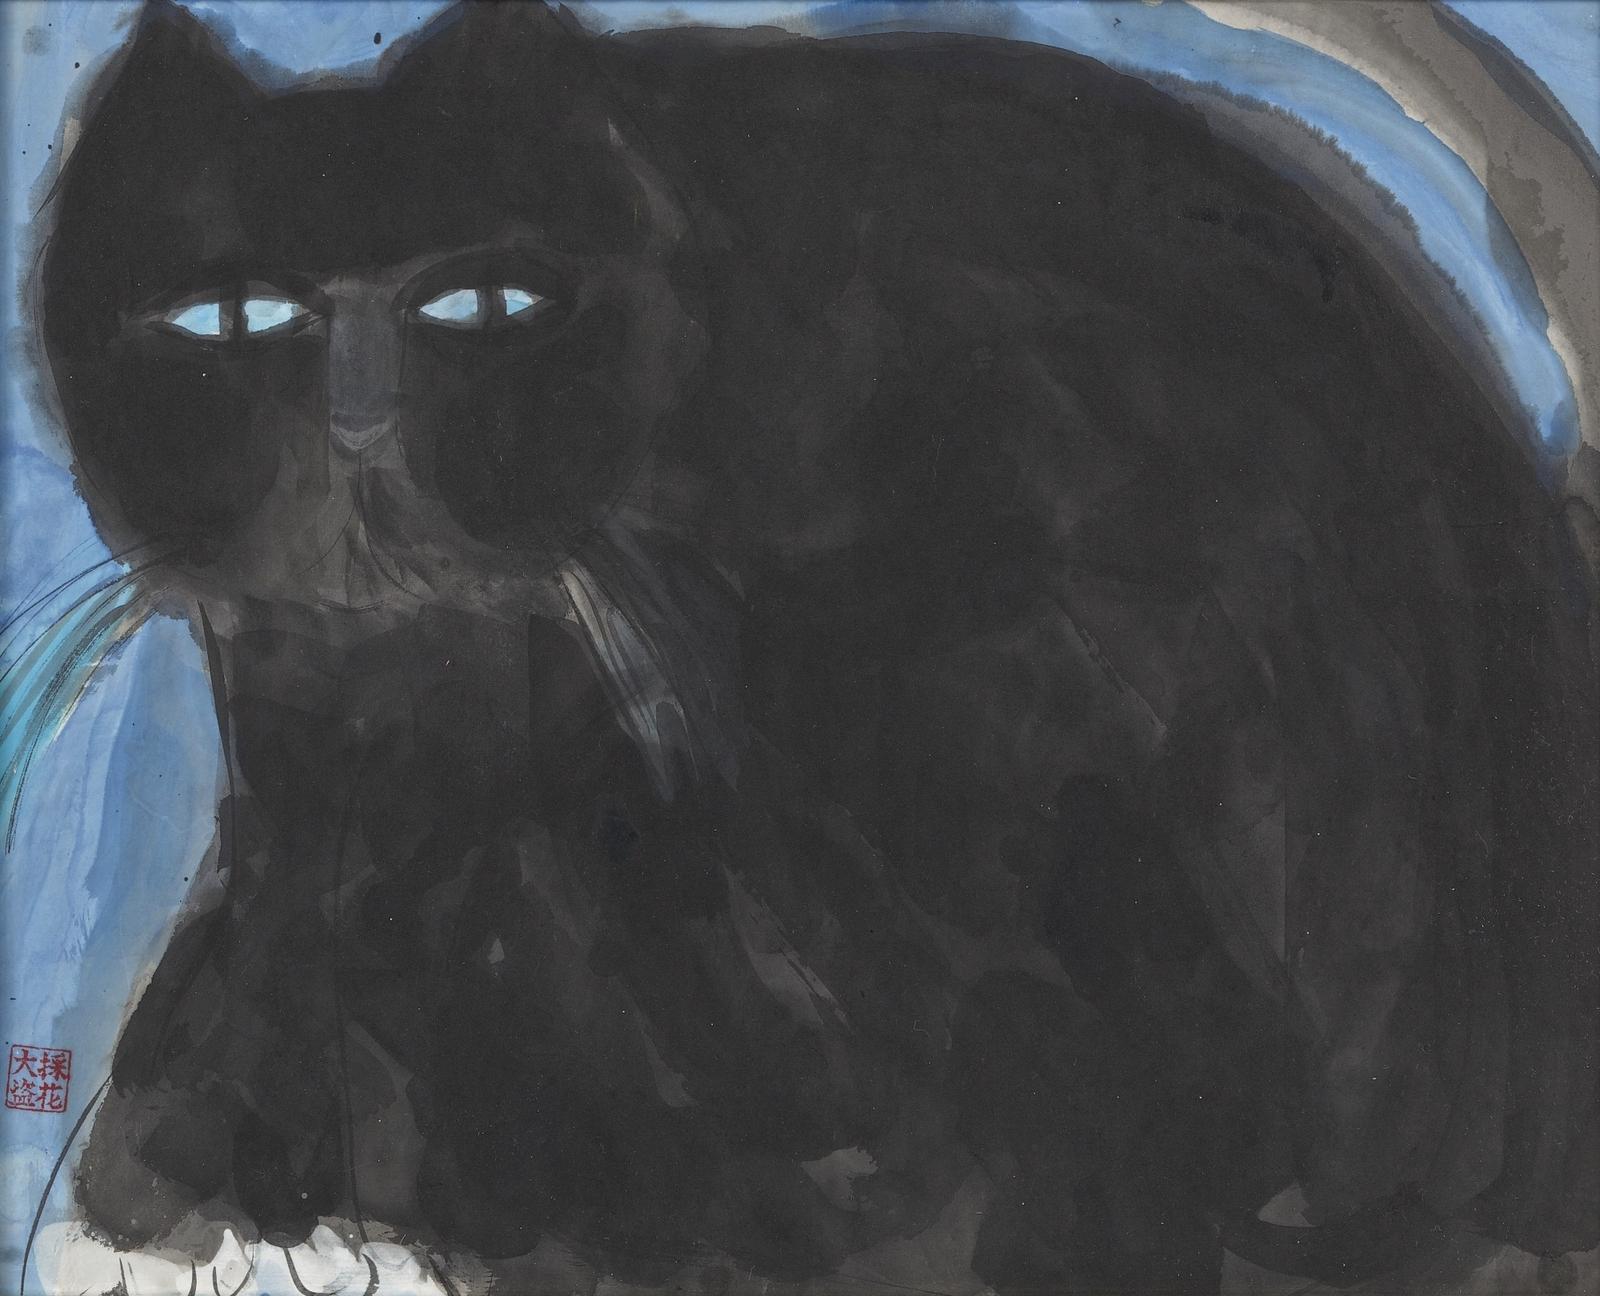 Кот (Cat)_47.8 х 60_бумага, акрил_Частное собрание.jpg